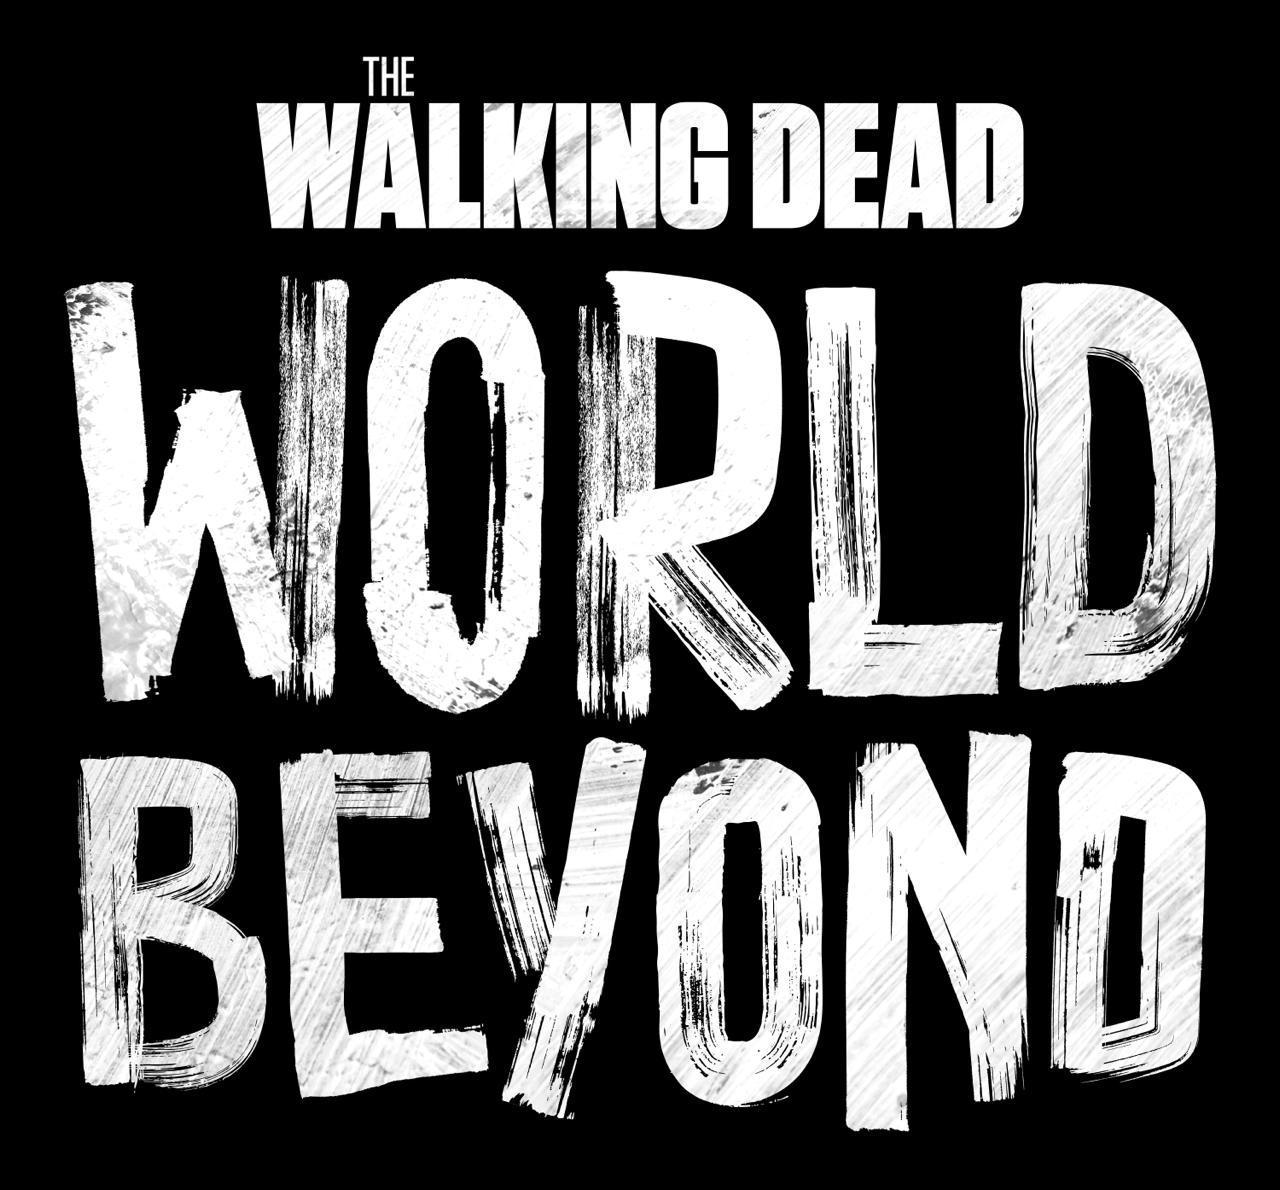 Desde hace 10 años, octubre es el mes más esperado para los fanáticos de The Walking Dead pues es cuando se estrena la nueva entrega de la que ahora es franquicia.